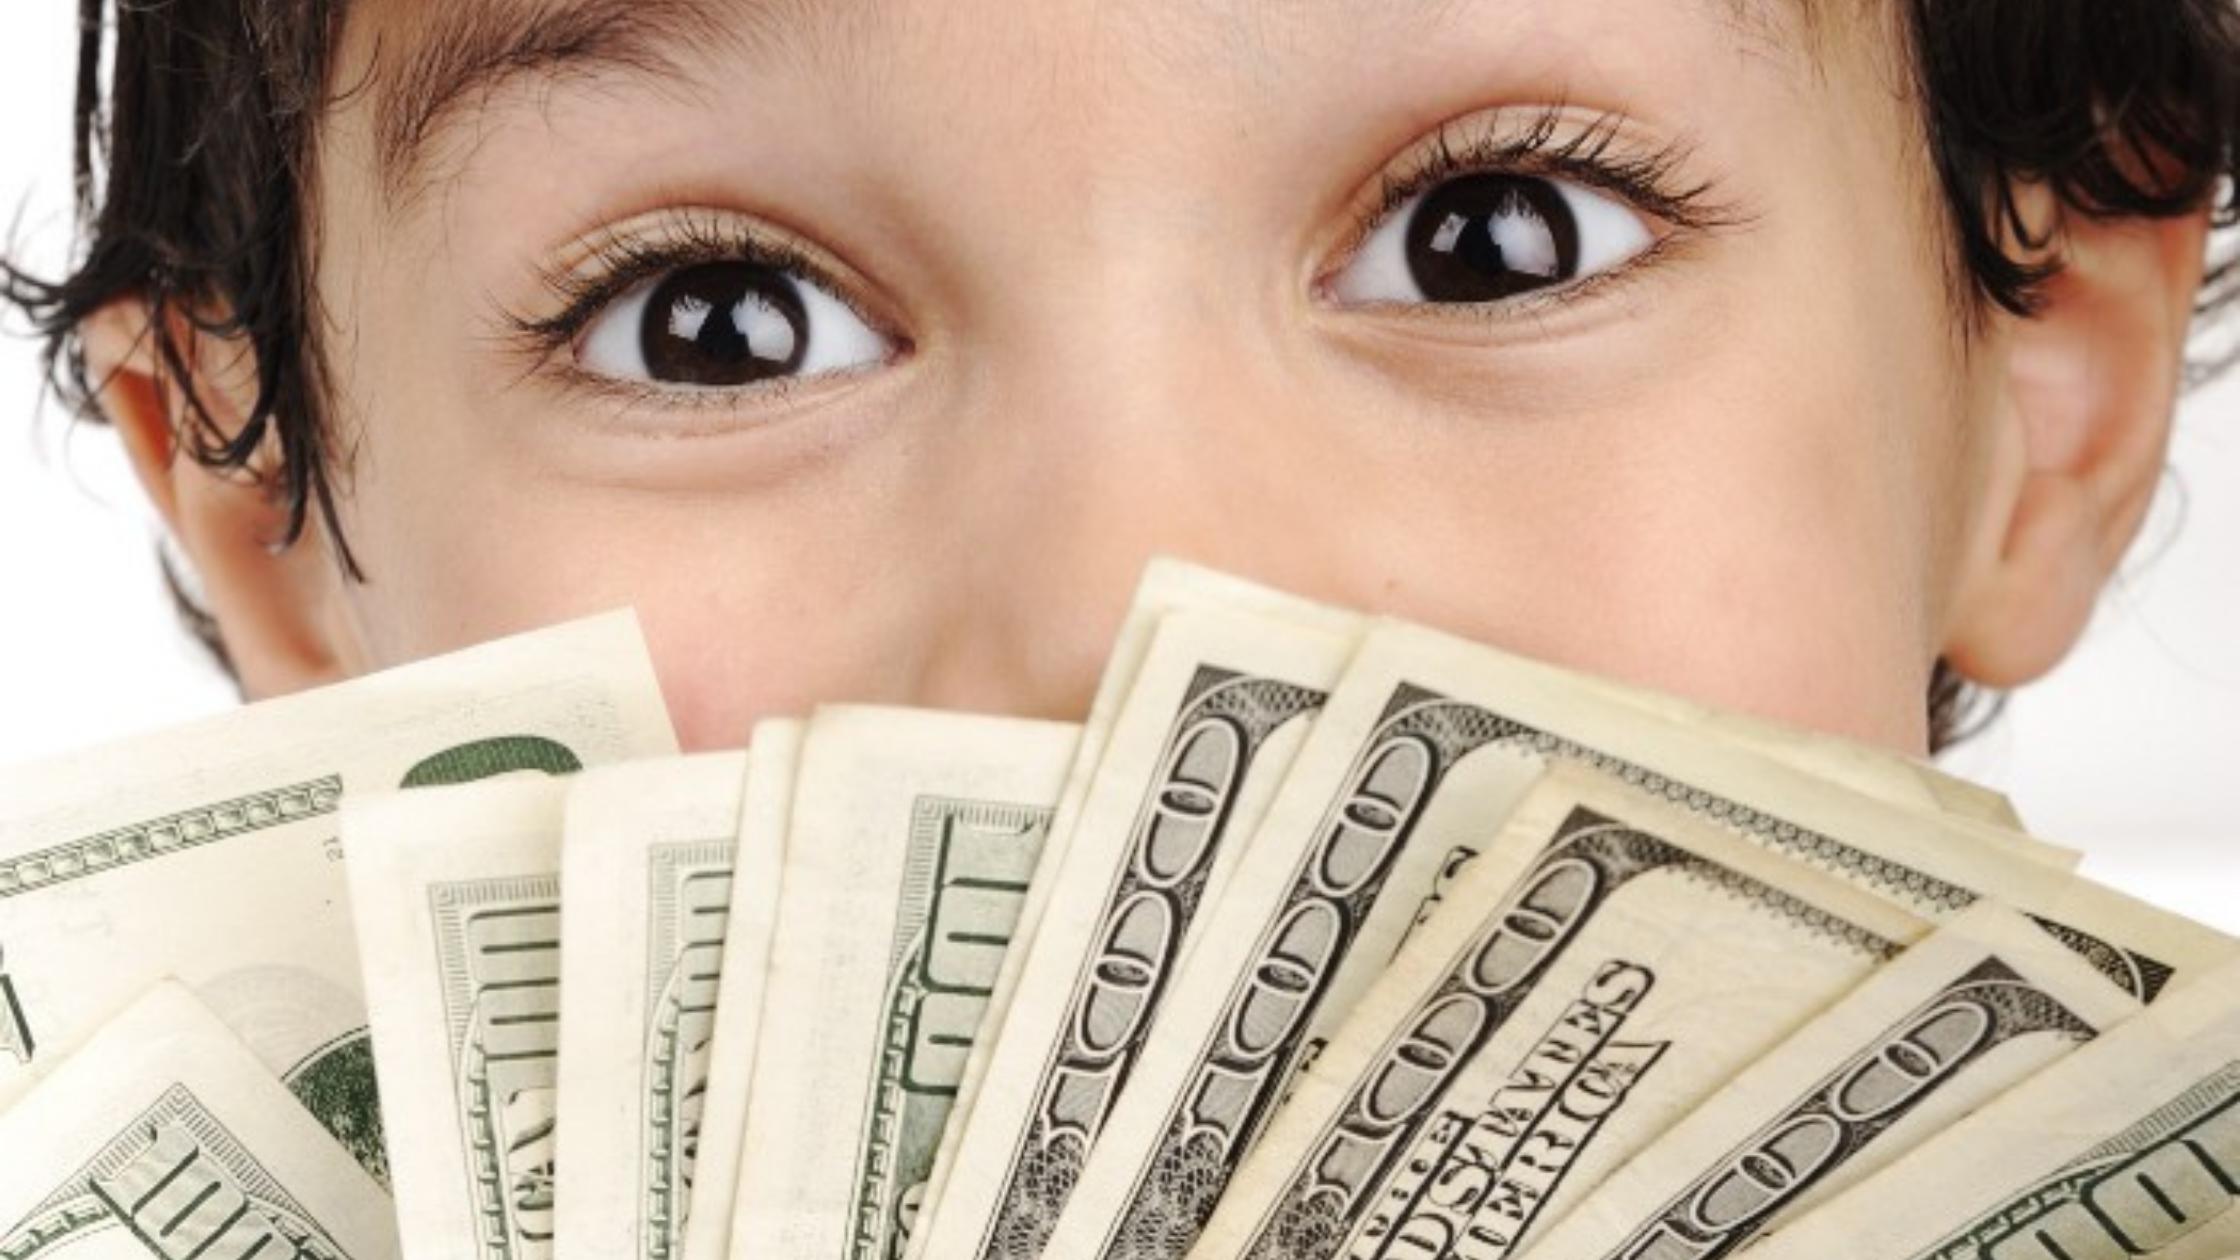 4 top tips for raising money smart kids